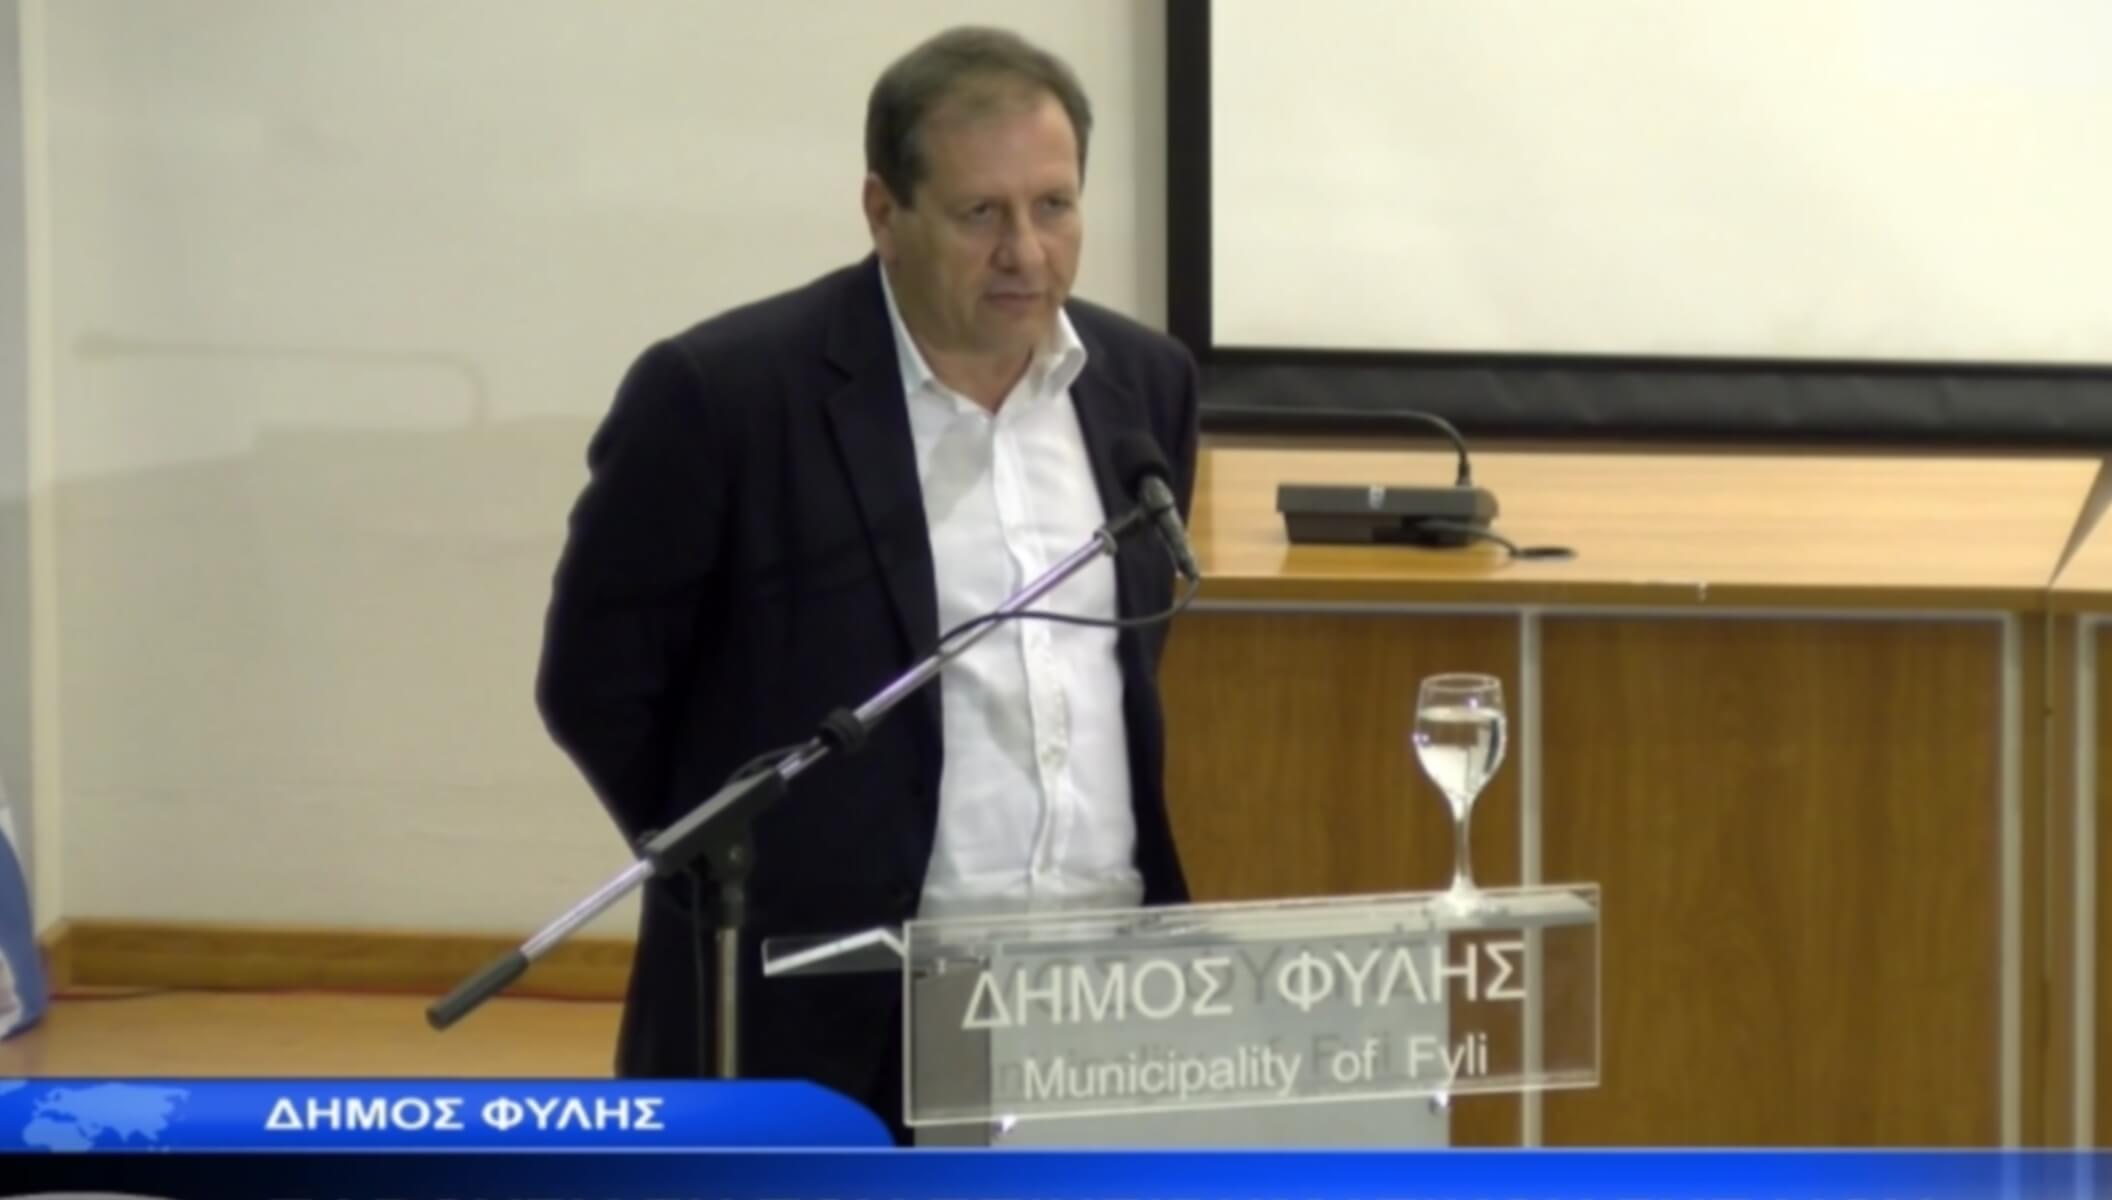 """Ο Δήμος Φυλής παρουσίασε τη """"στέγη"""" της ΑΕΚ! Αποκάλυψη από Αγγελόπουλο"""